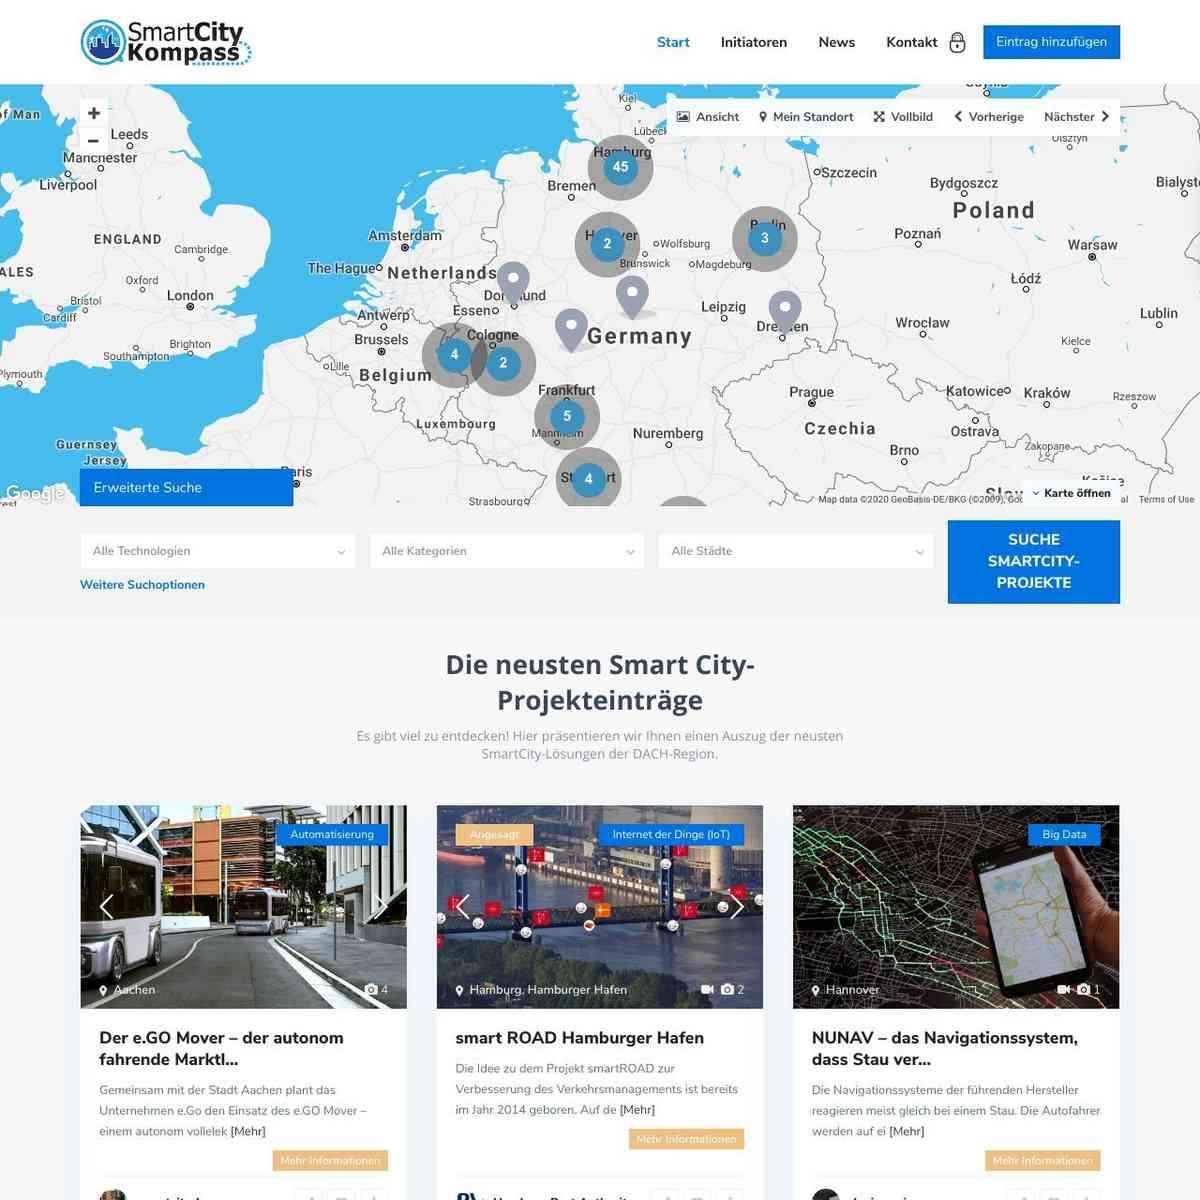 Digitale Projekte in Deutschland im Überblick - Smart City Kompass